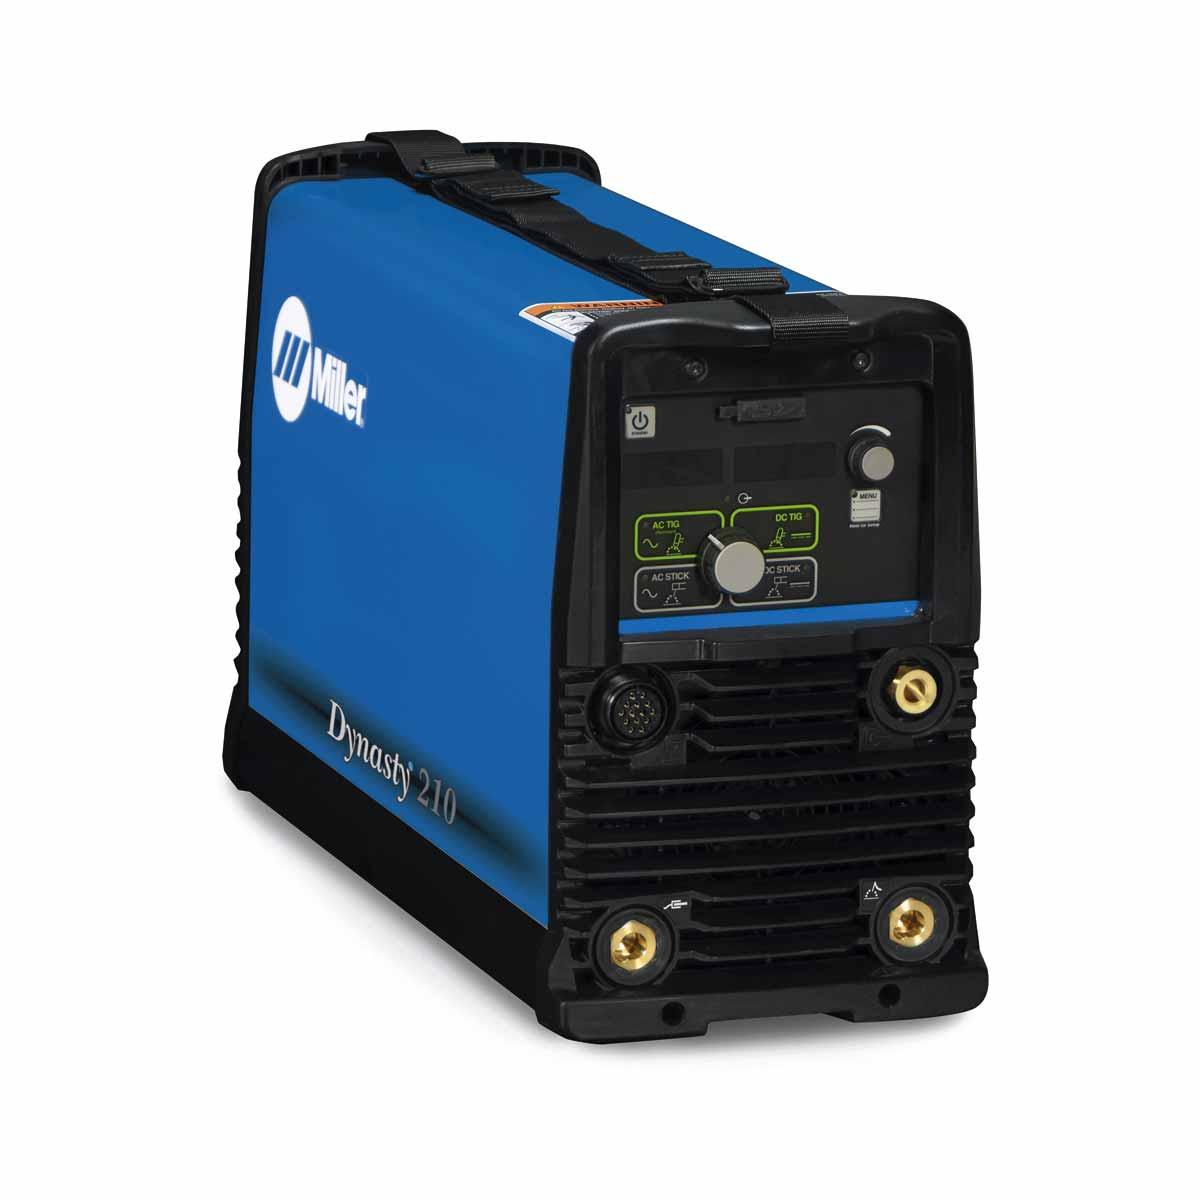 DYNASTY 210 (AUTO-LINE 120-480 V) CPS 907685002